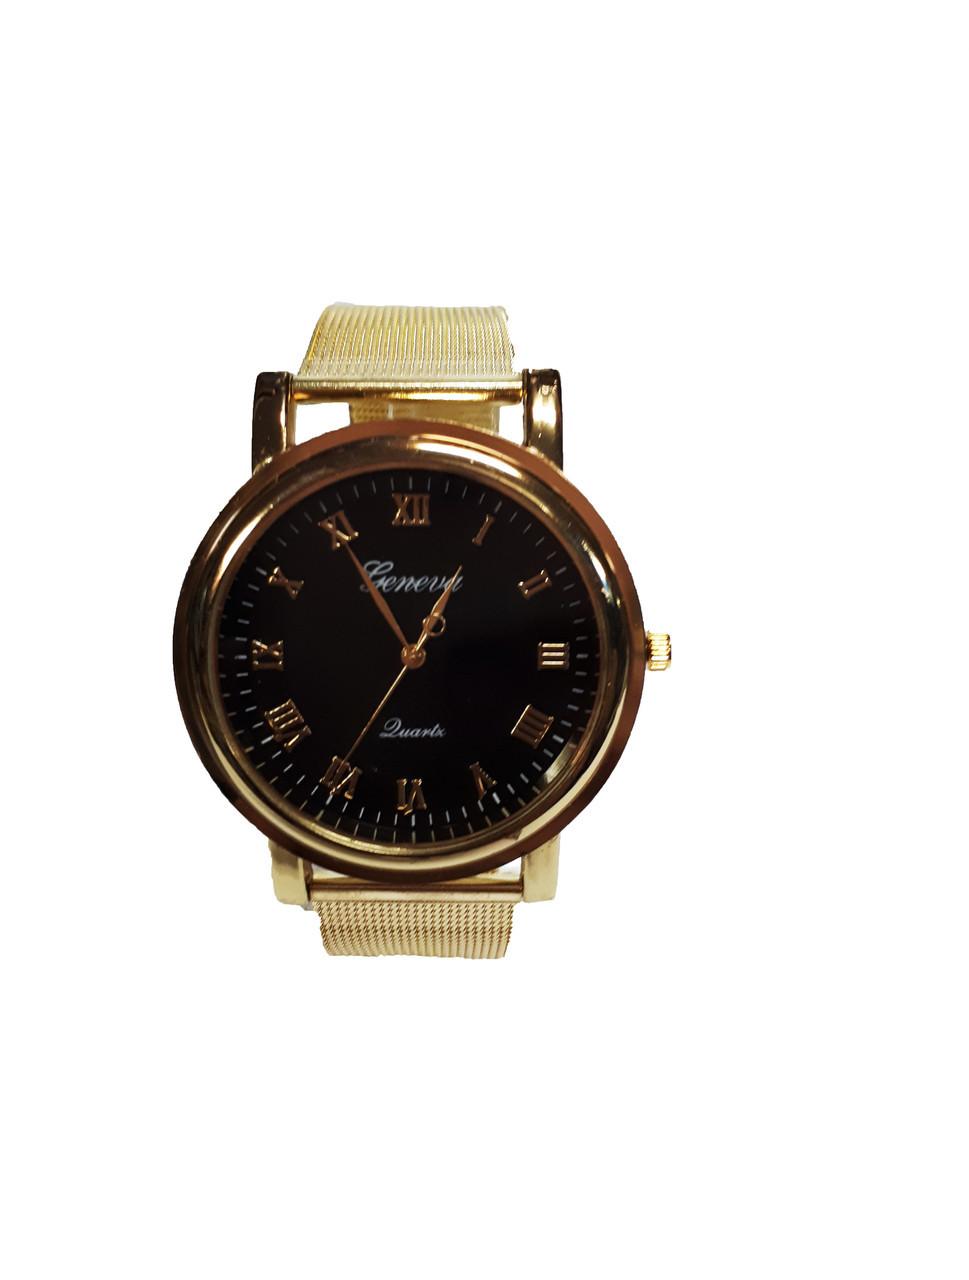 Женские часы  на браслете кольчуга 1798 опт